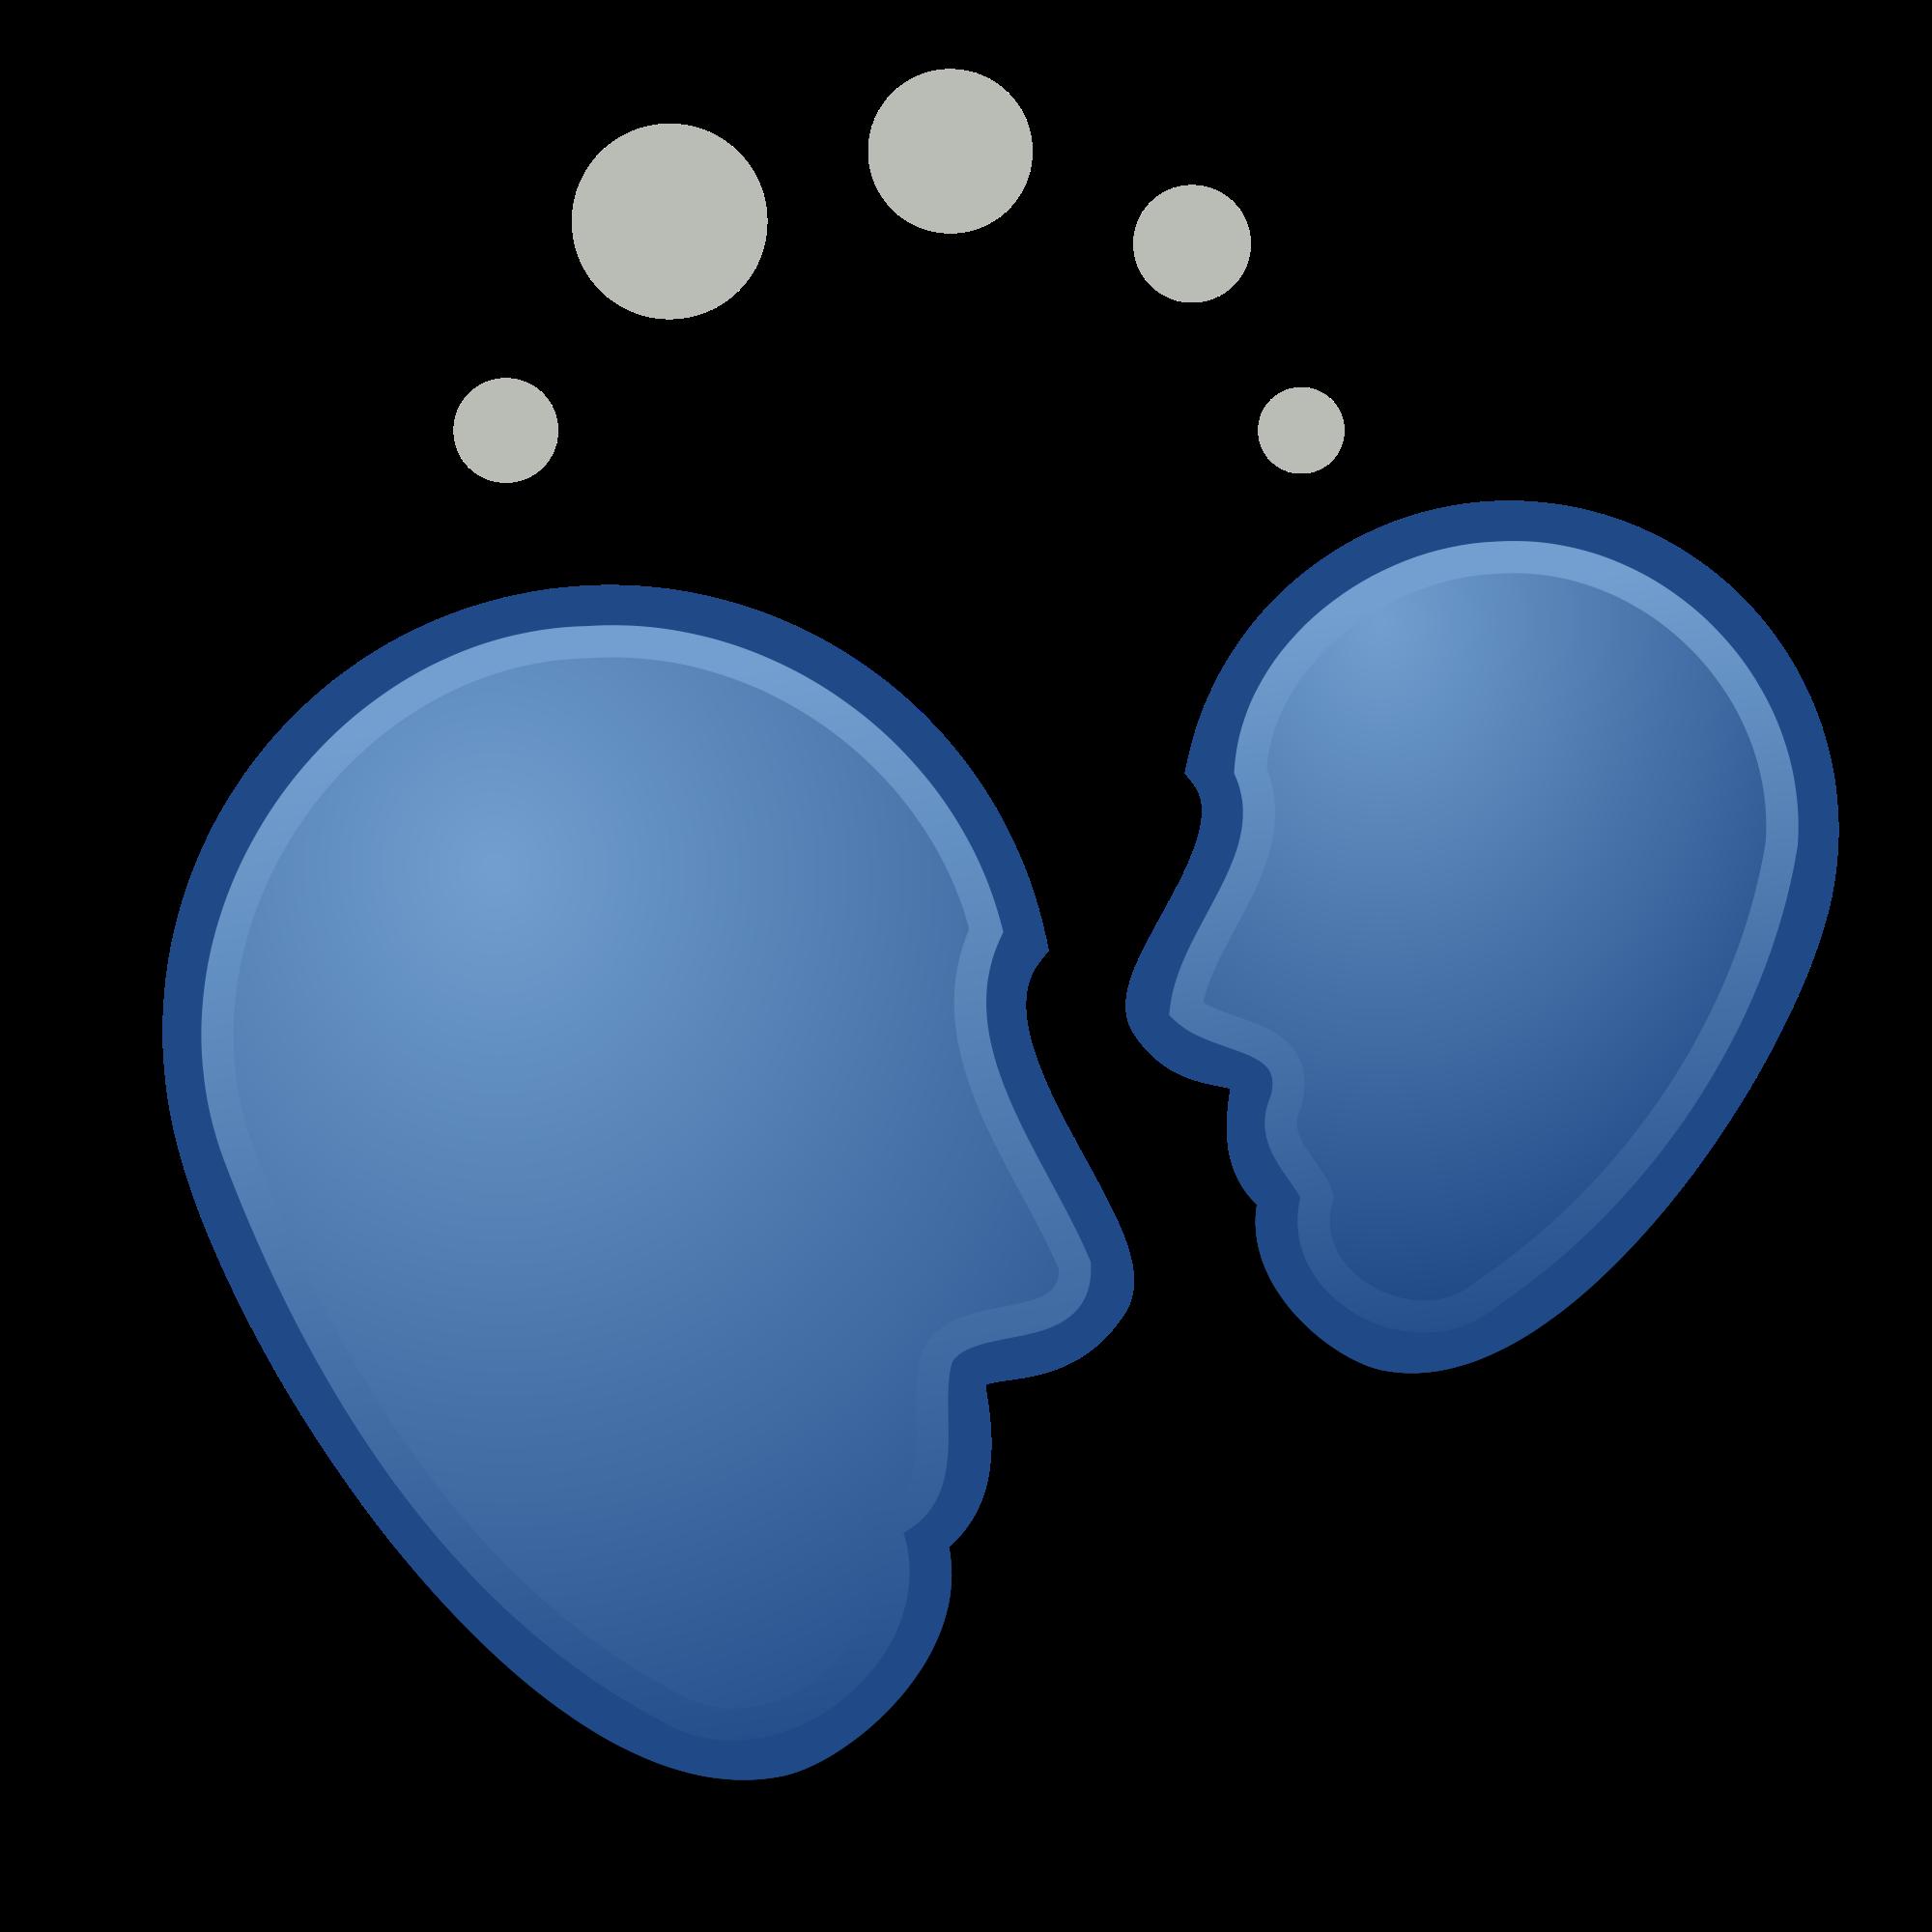 Mind clipart mind reading, Mind mind reading Transparent.